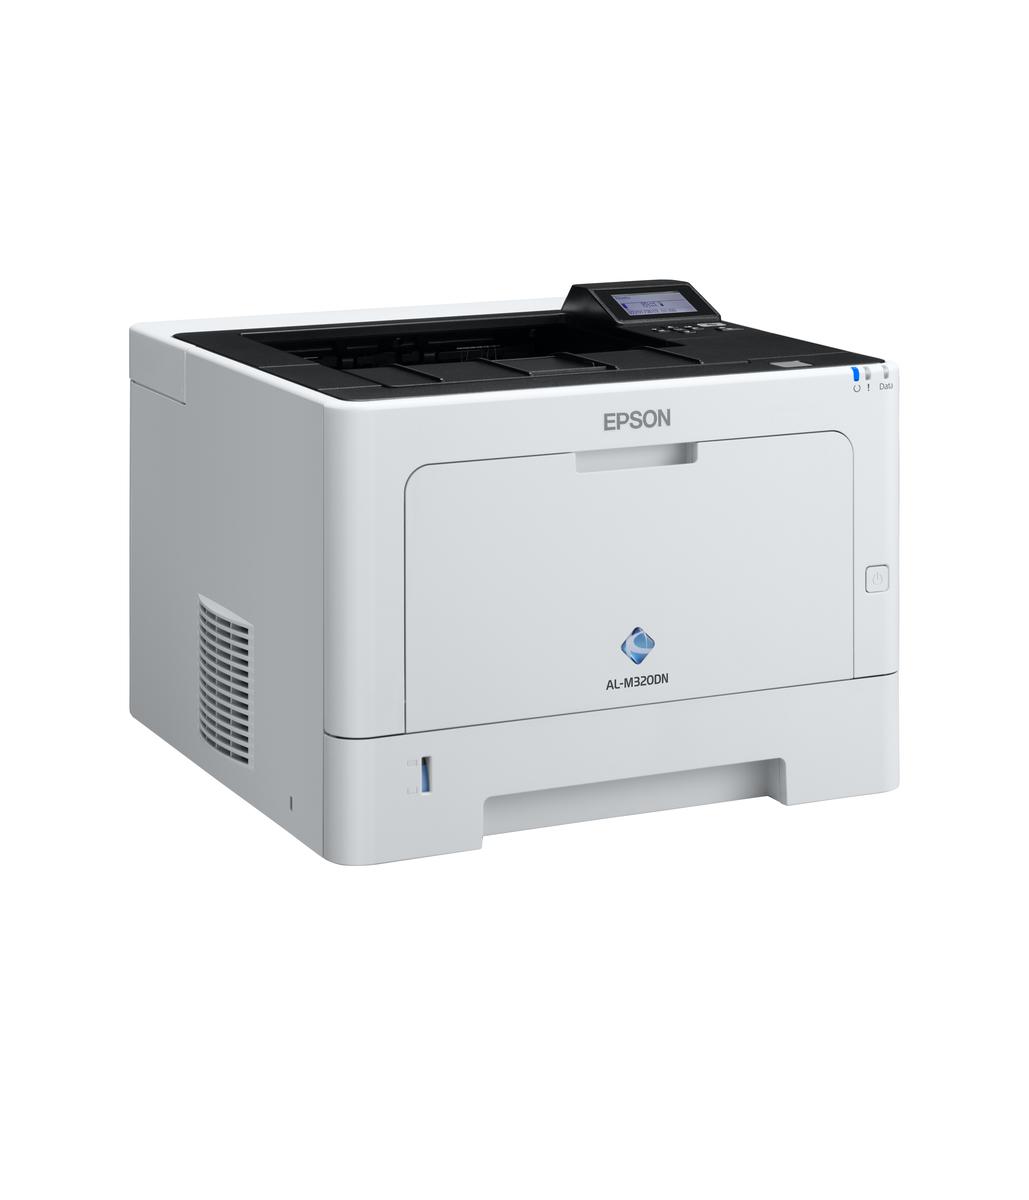 Epson WorkForce AL-M320DTN 40ppm, Lan, Duplex - C11CF21401BW